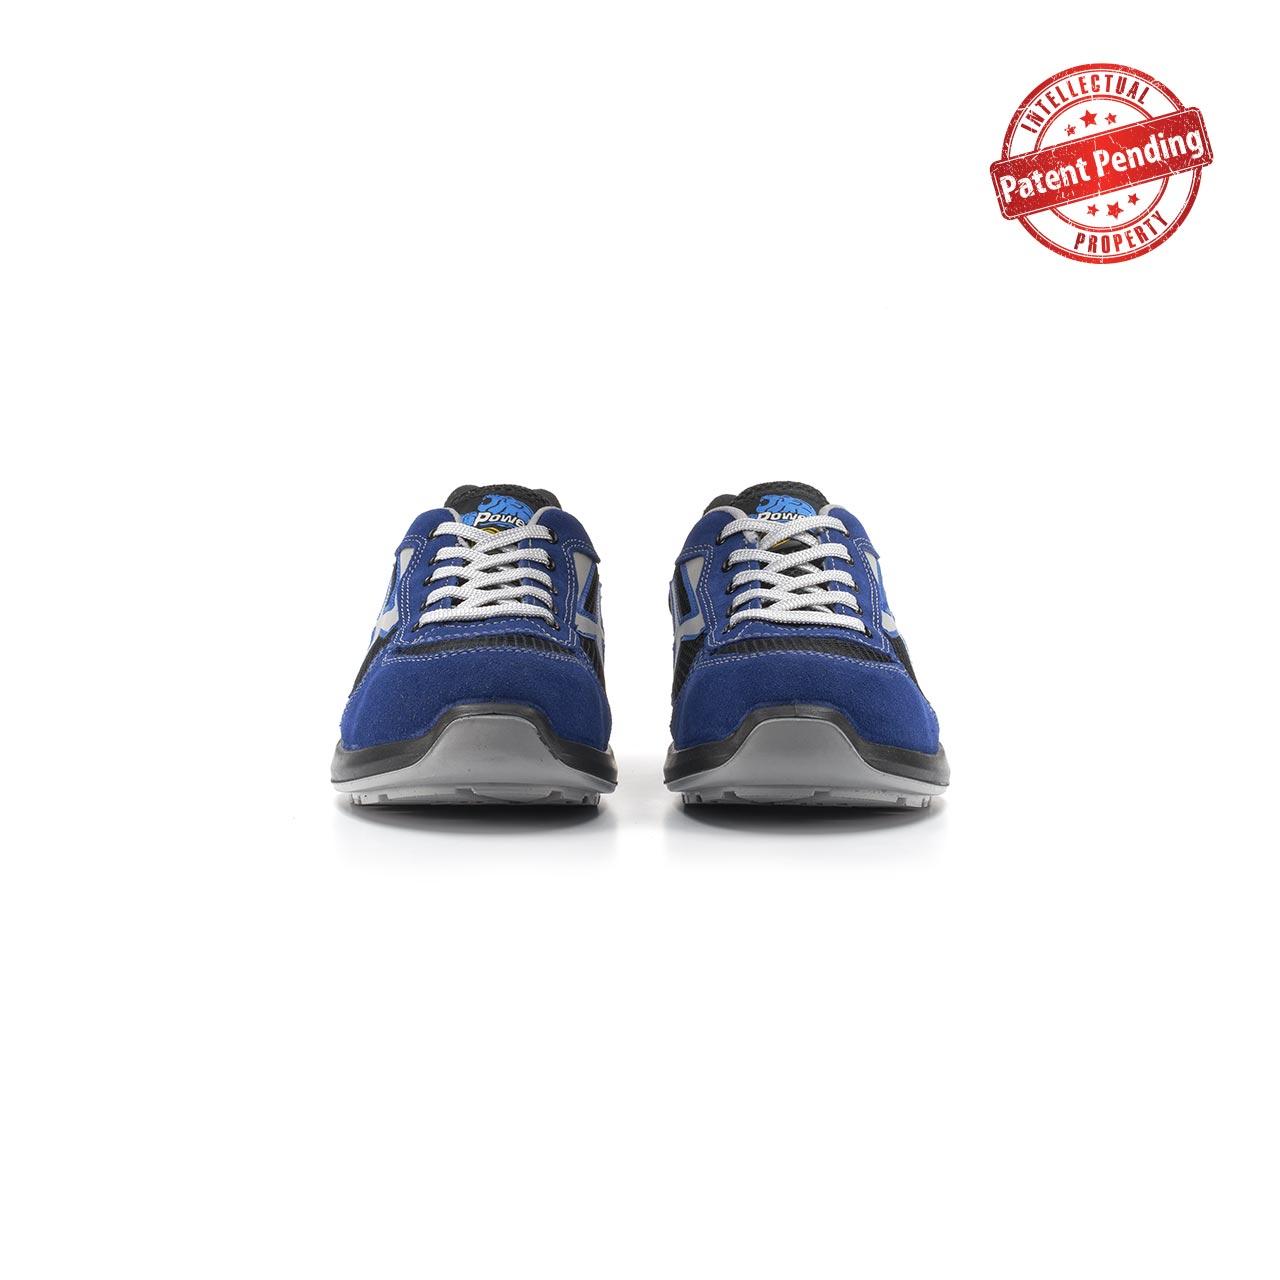 paio di scarpe antinfortunistiche upower modello sky linea redup vista frontale